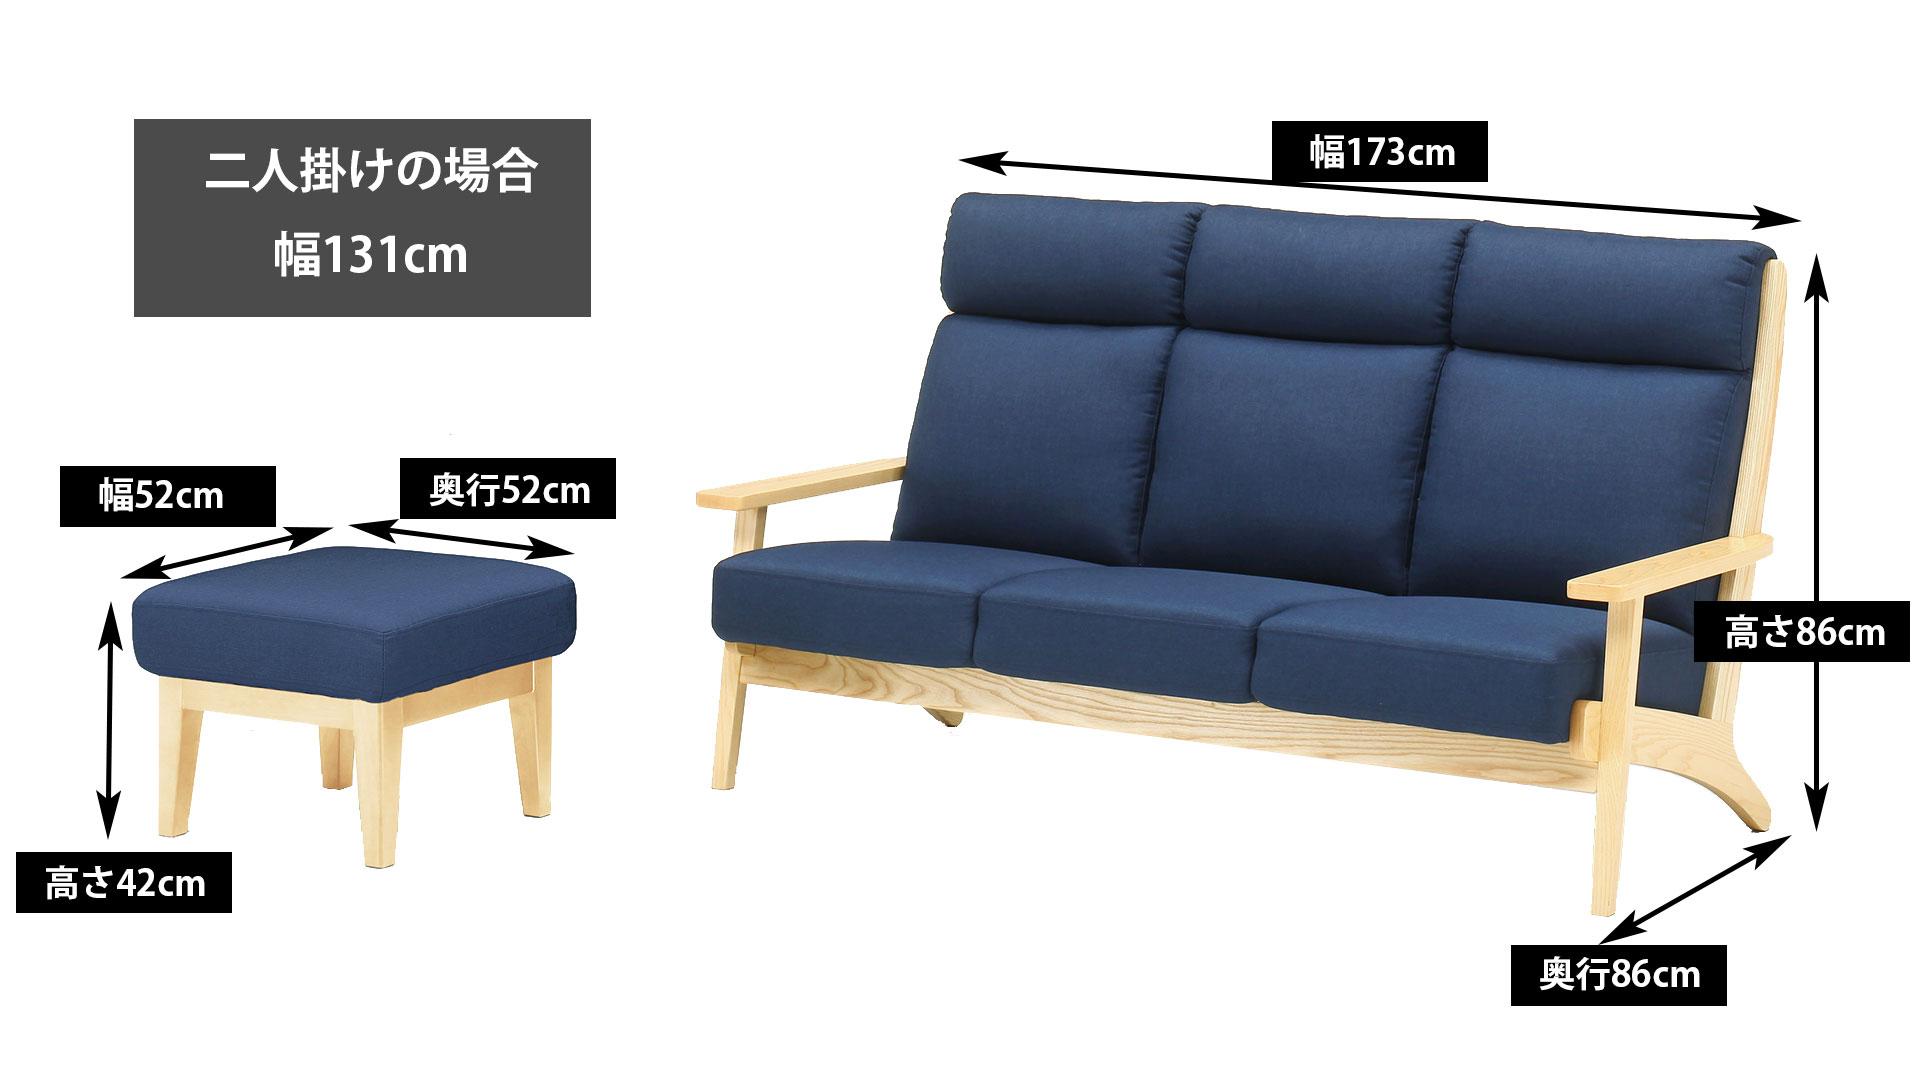 リビンズのソファ「ステラ」のサイズの画像